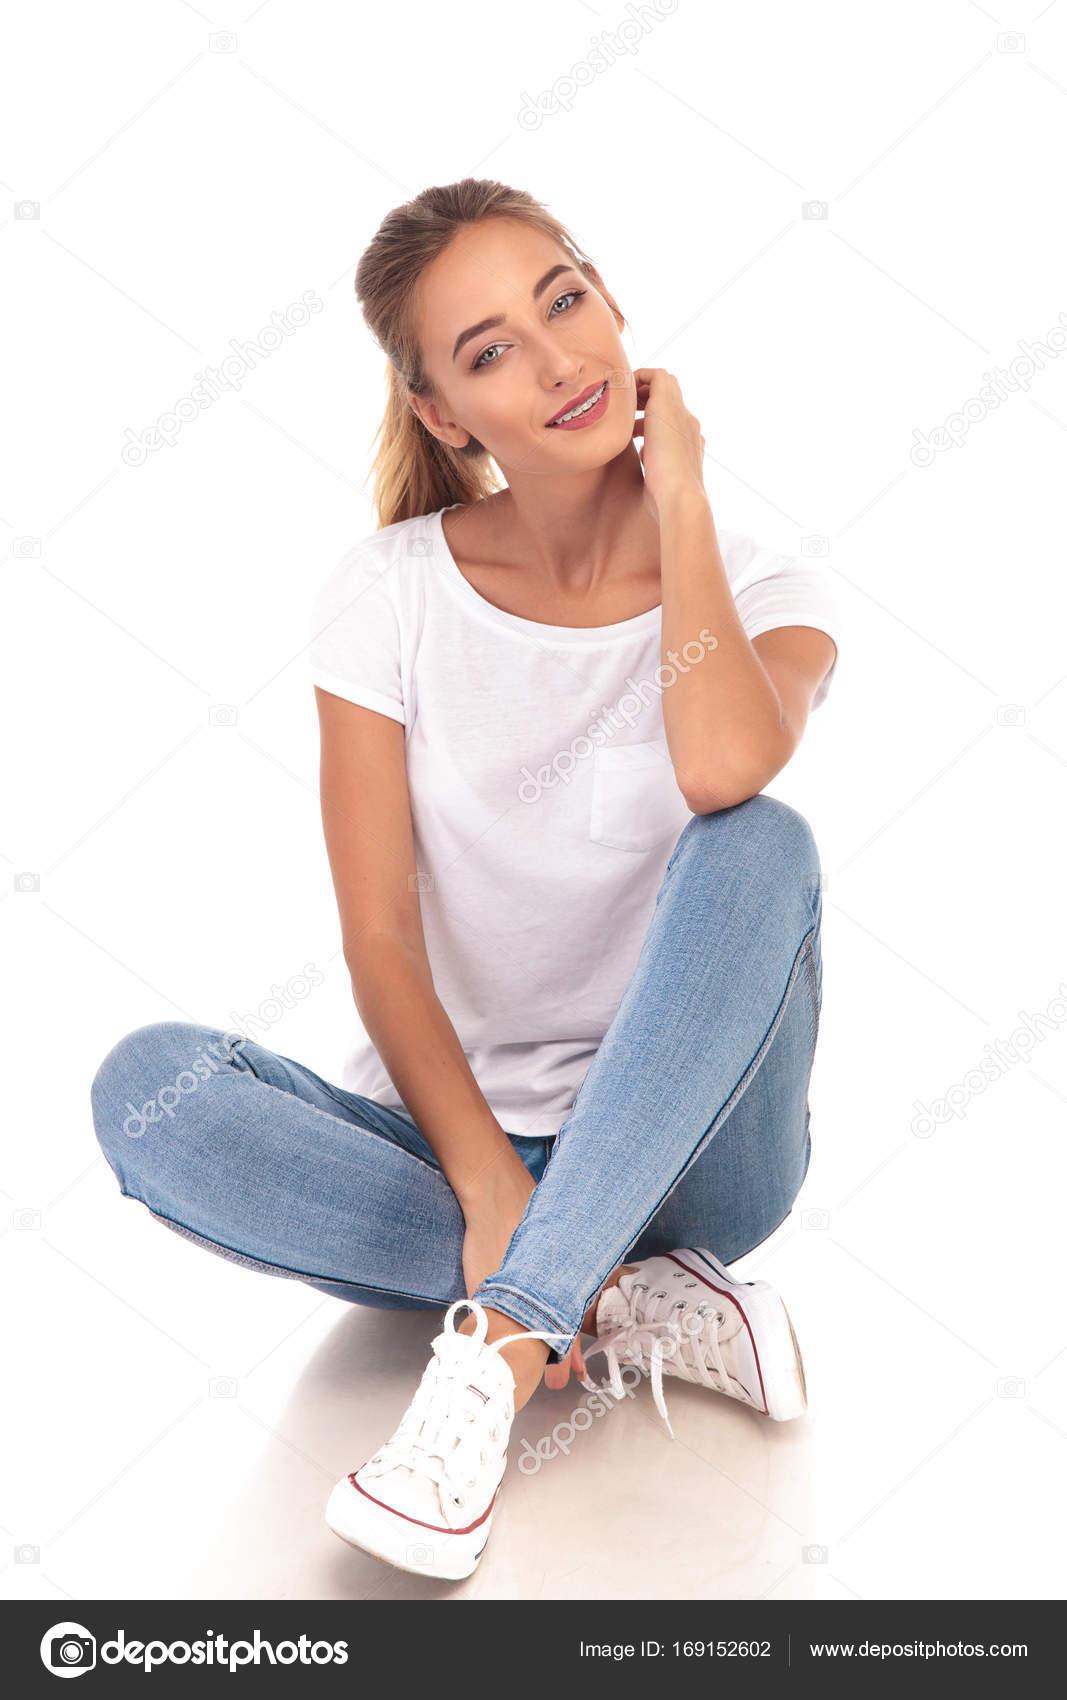 JeansT Sitzen Shirt Junge Und Turnschuhe Frau In OPnm0yv8wN